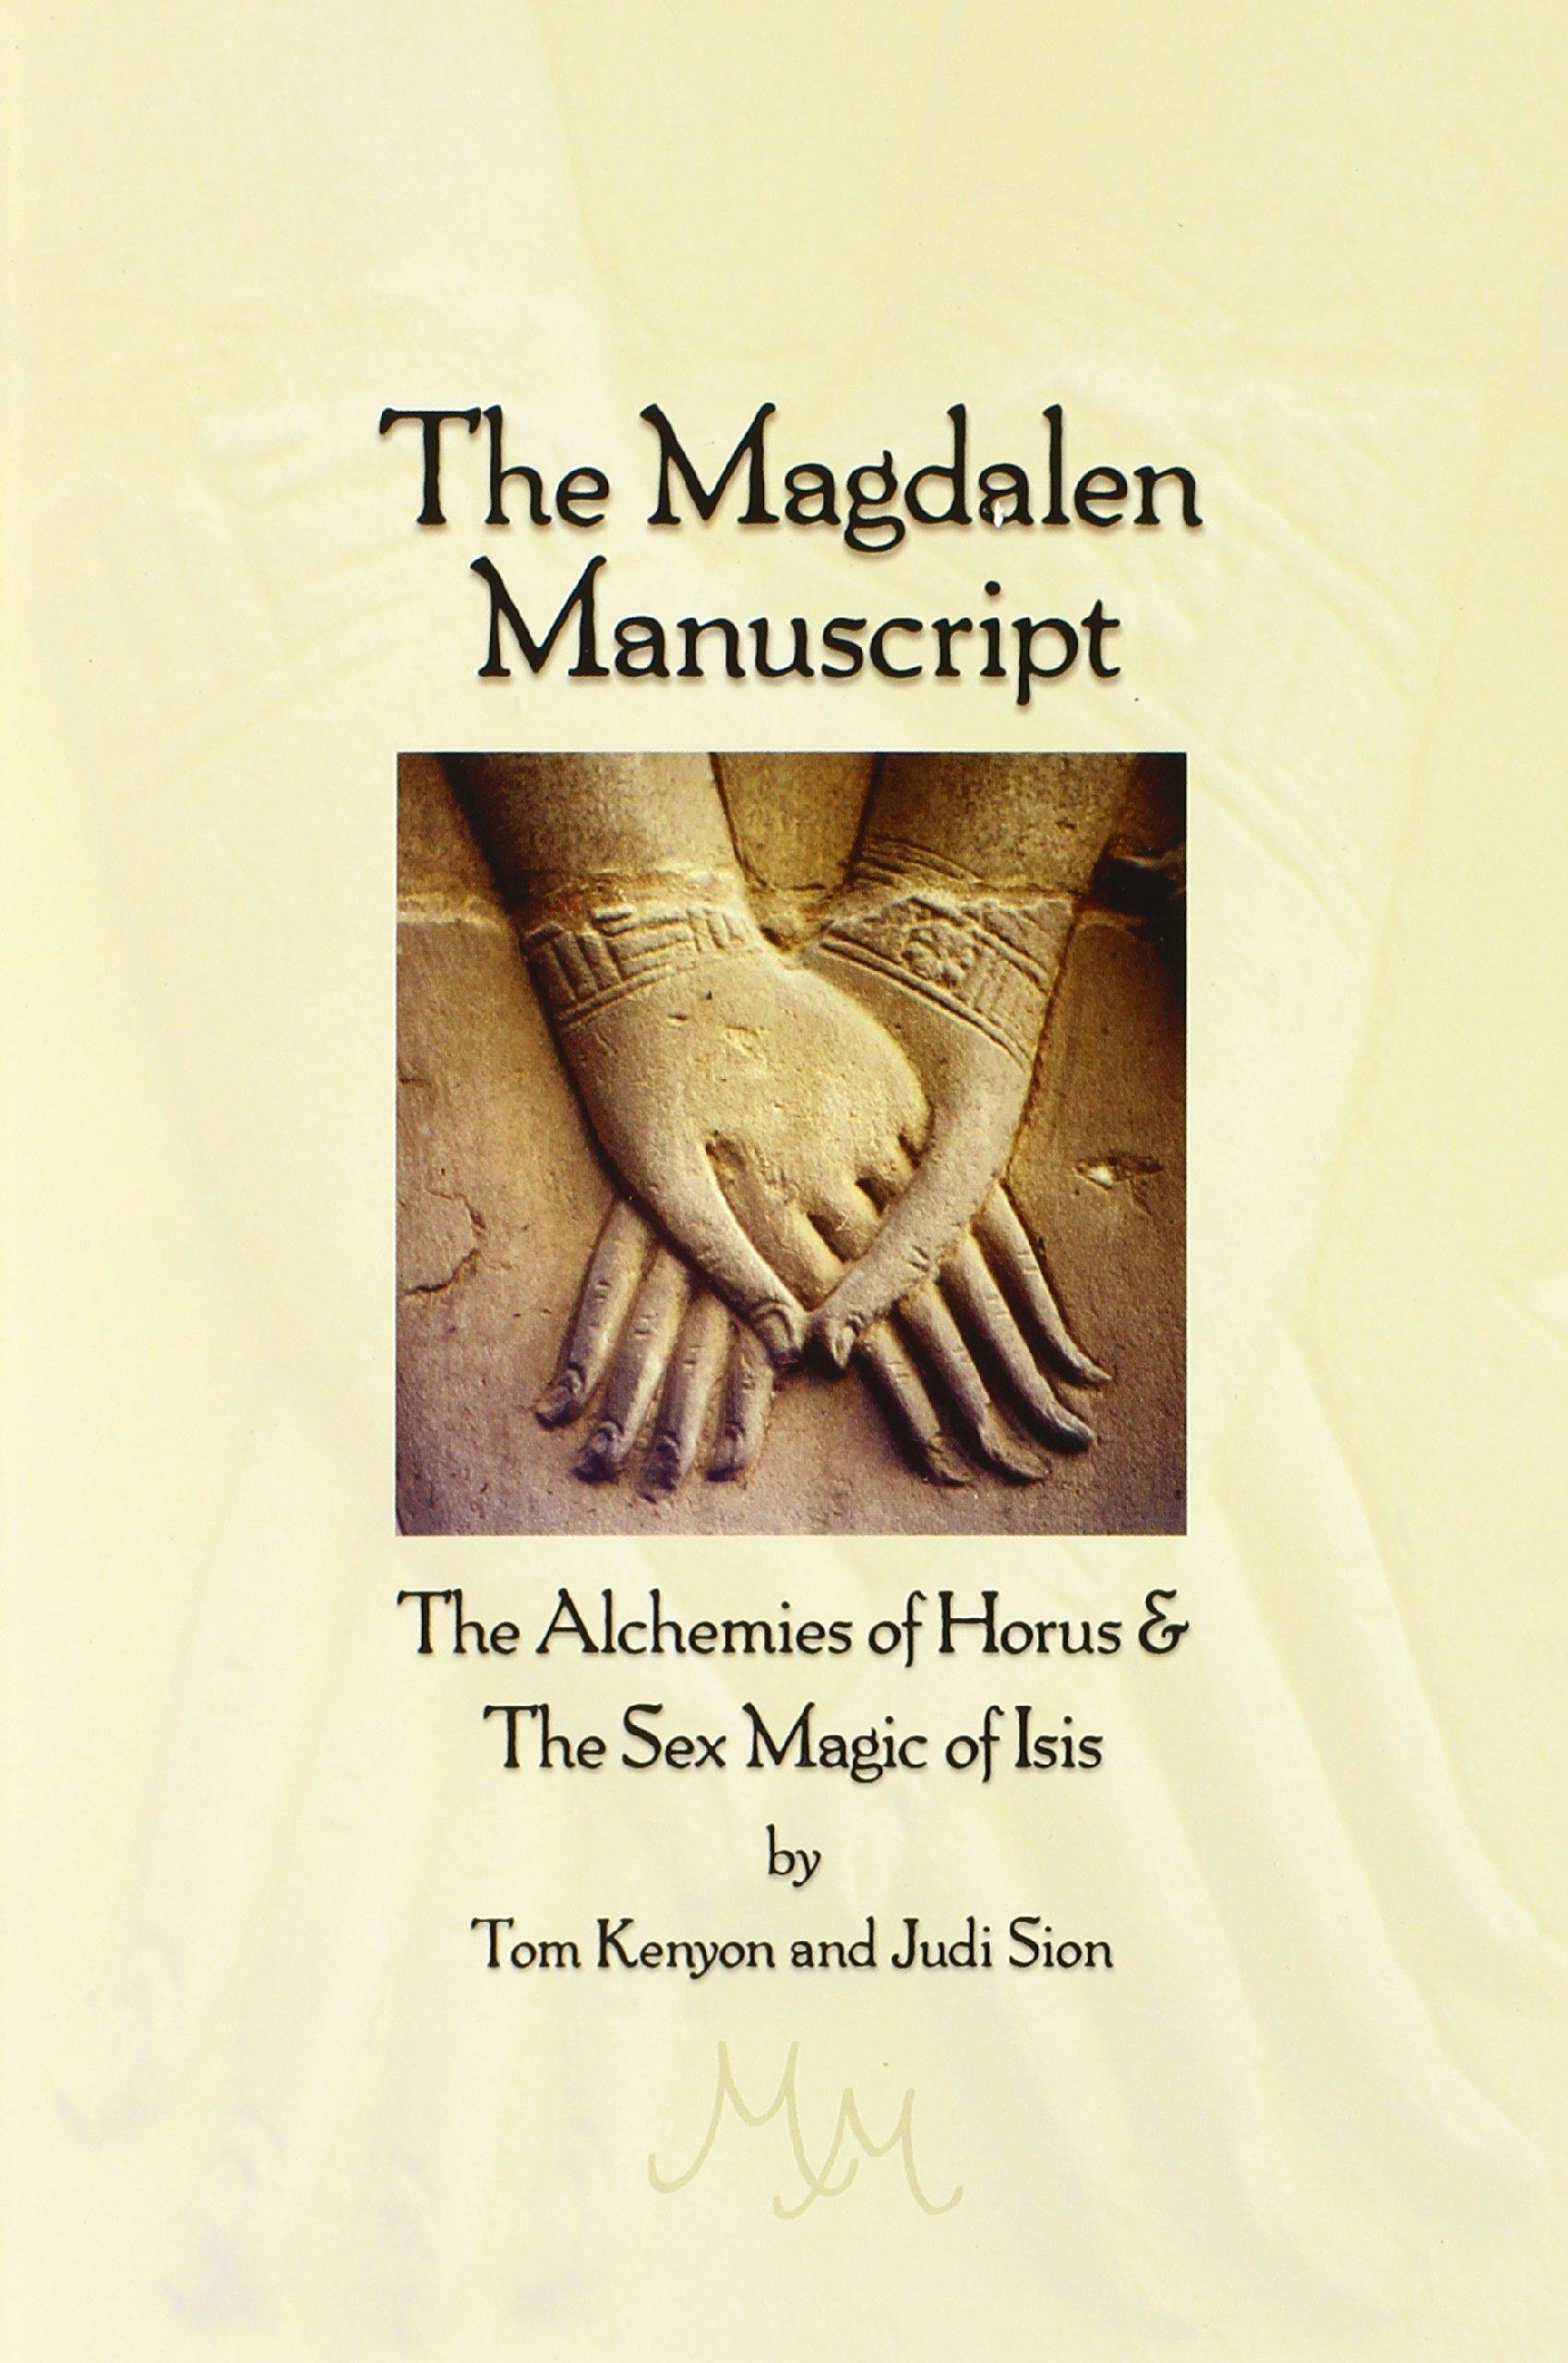 magdalen-manuscript-quotes-2.jpg